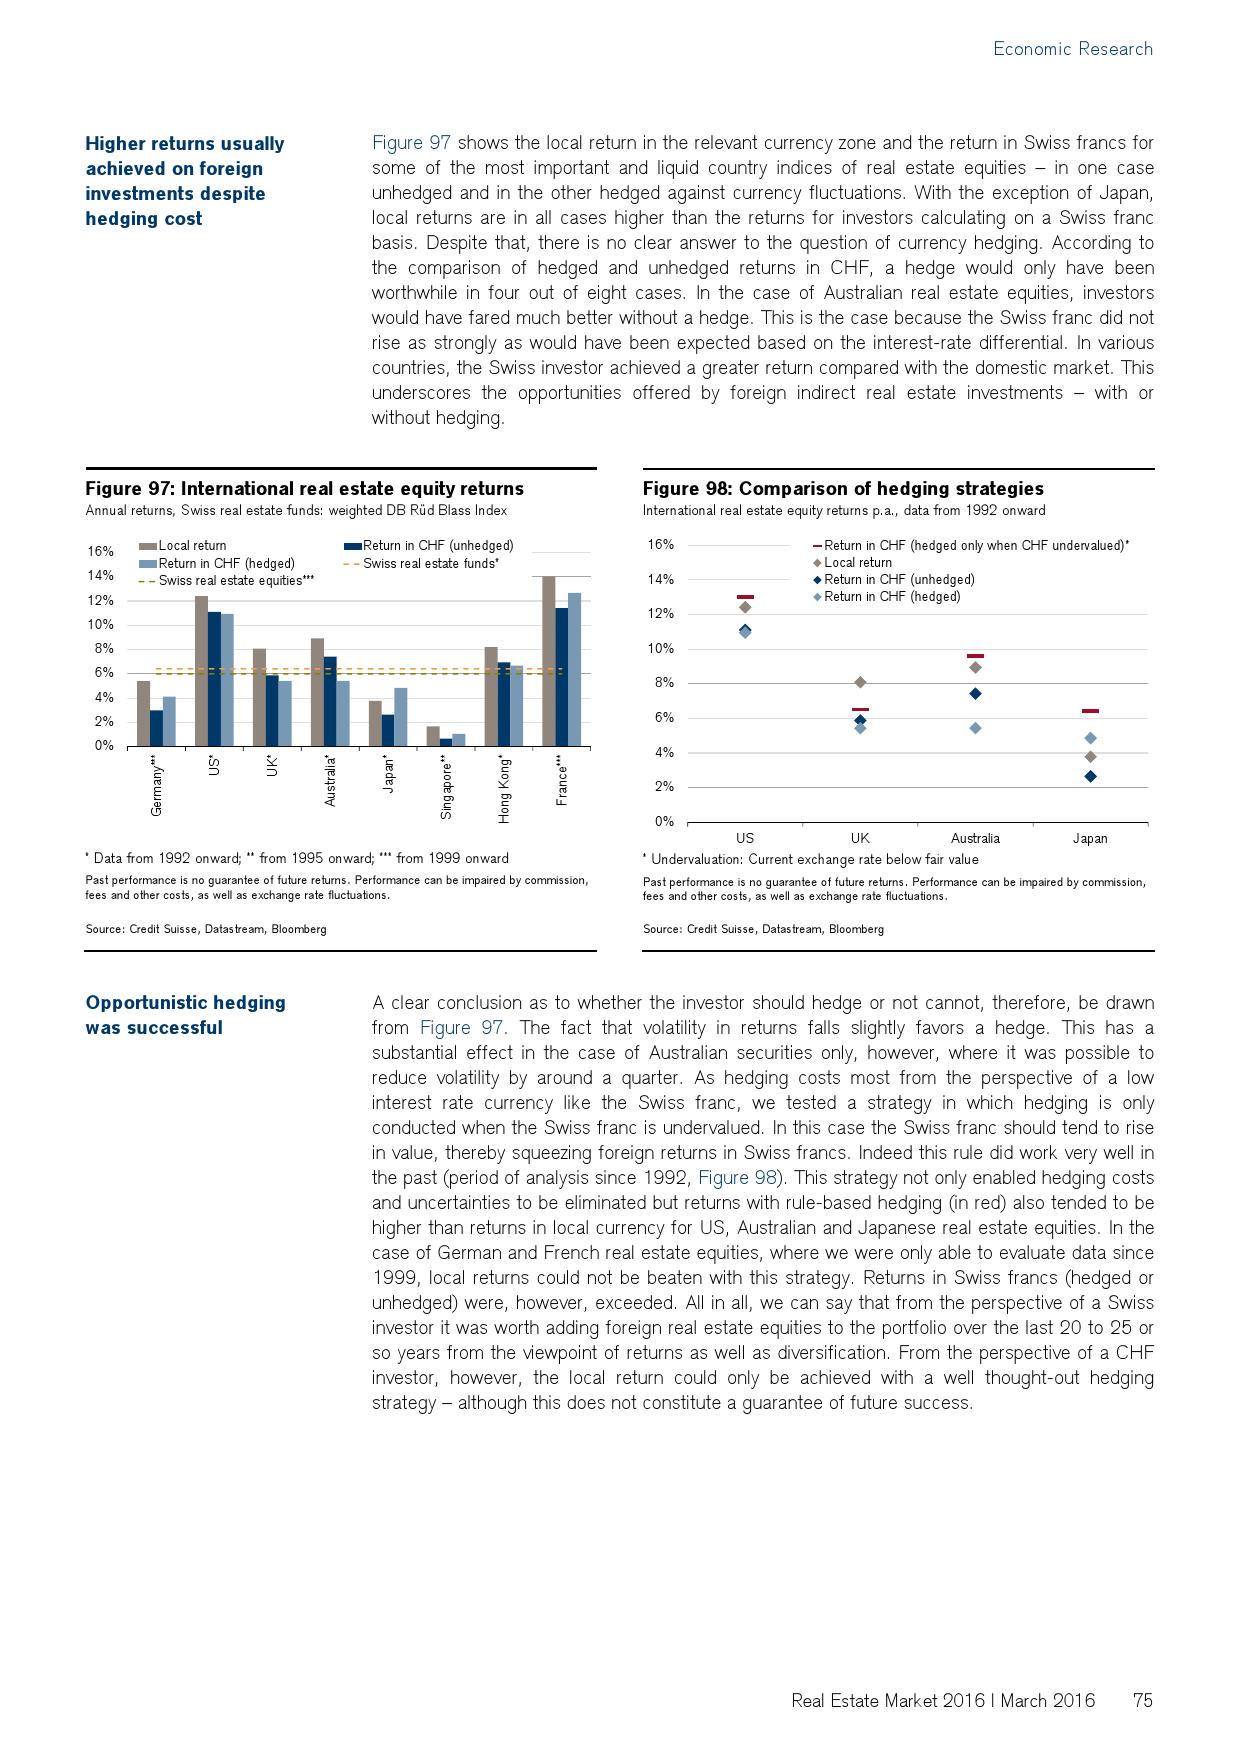 2016年瑞士房地产市场研究报告_000075